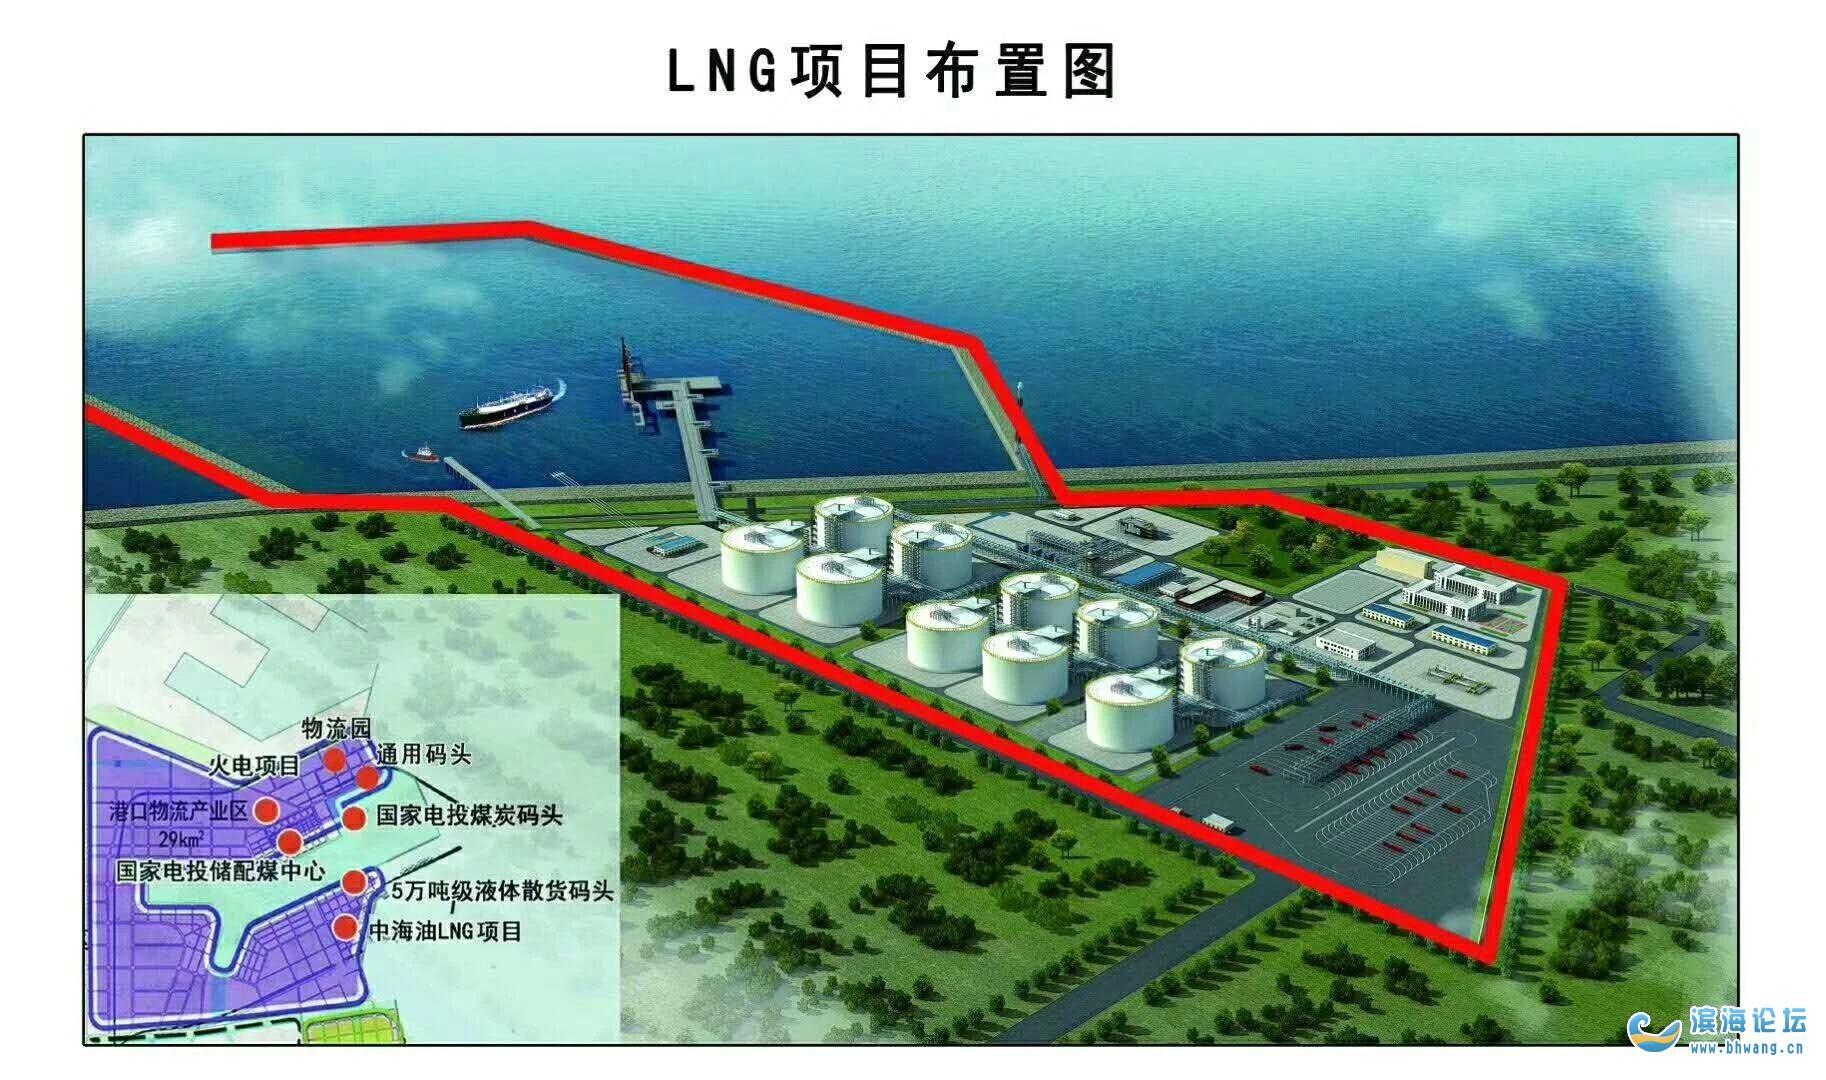 重磅!央视《朝闻天下》报道滨海建成全国规模最大液化天然气项目主体工程